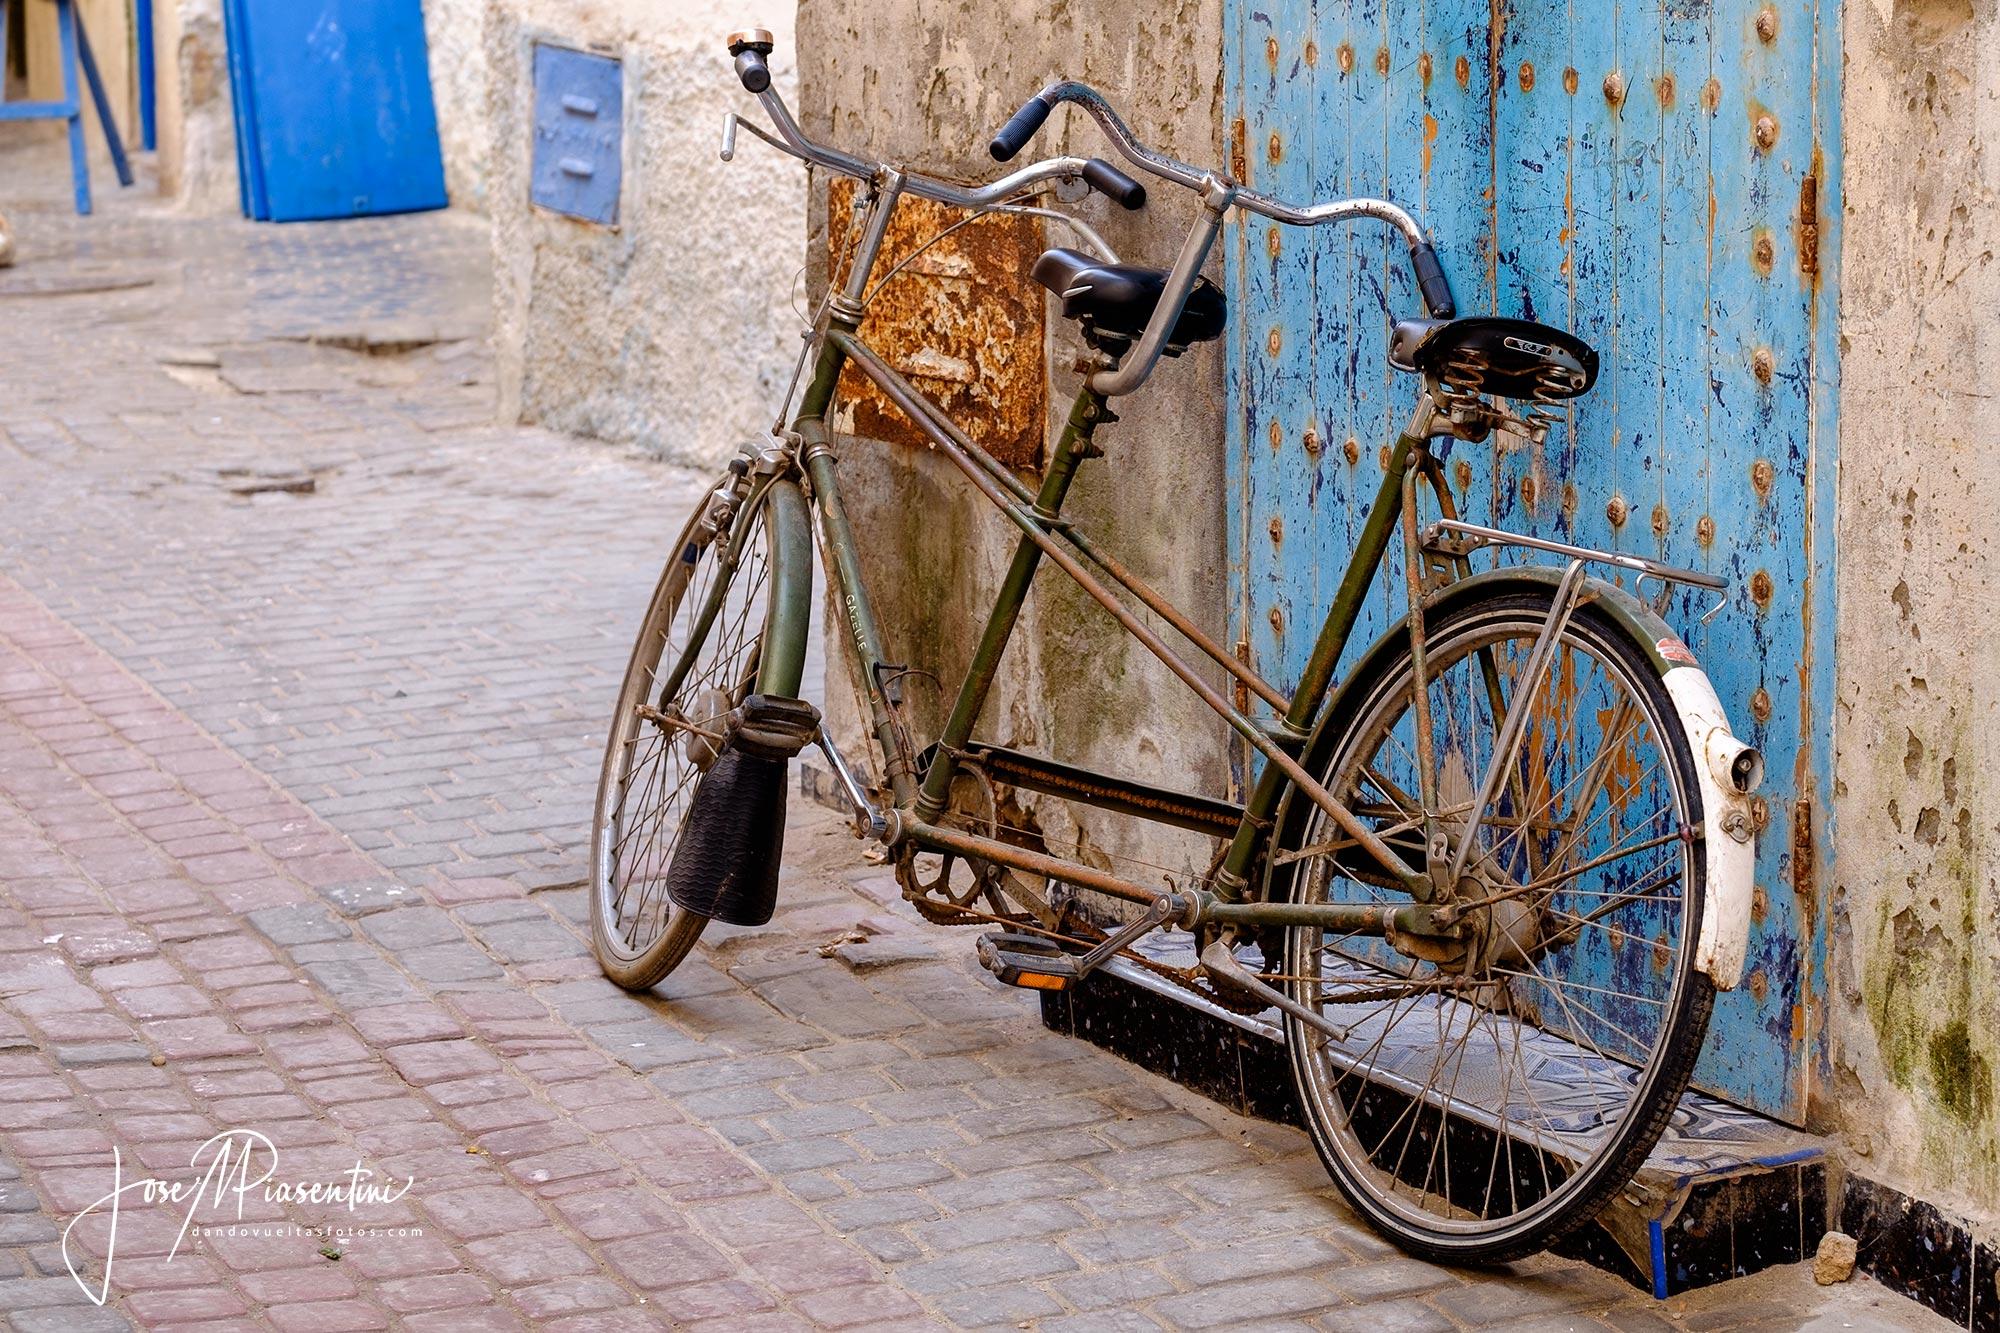 Que hacer en Essaouira con la familia